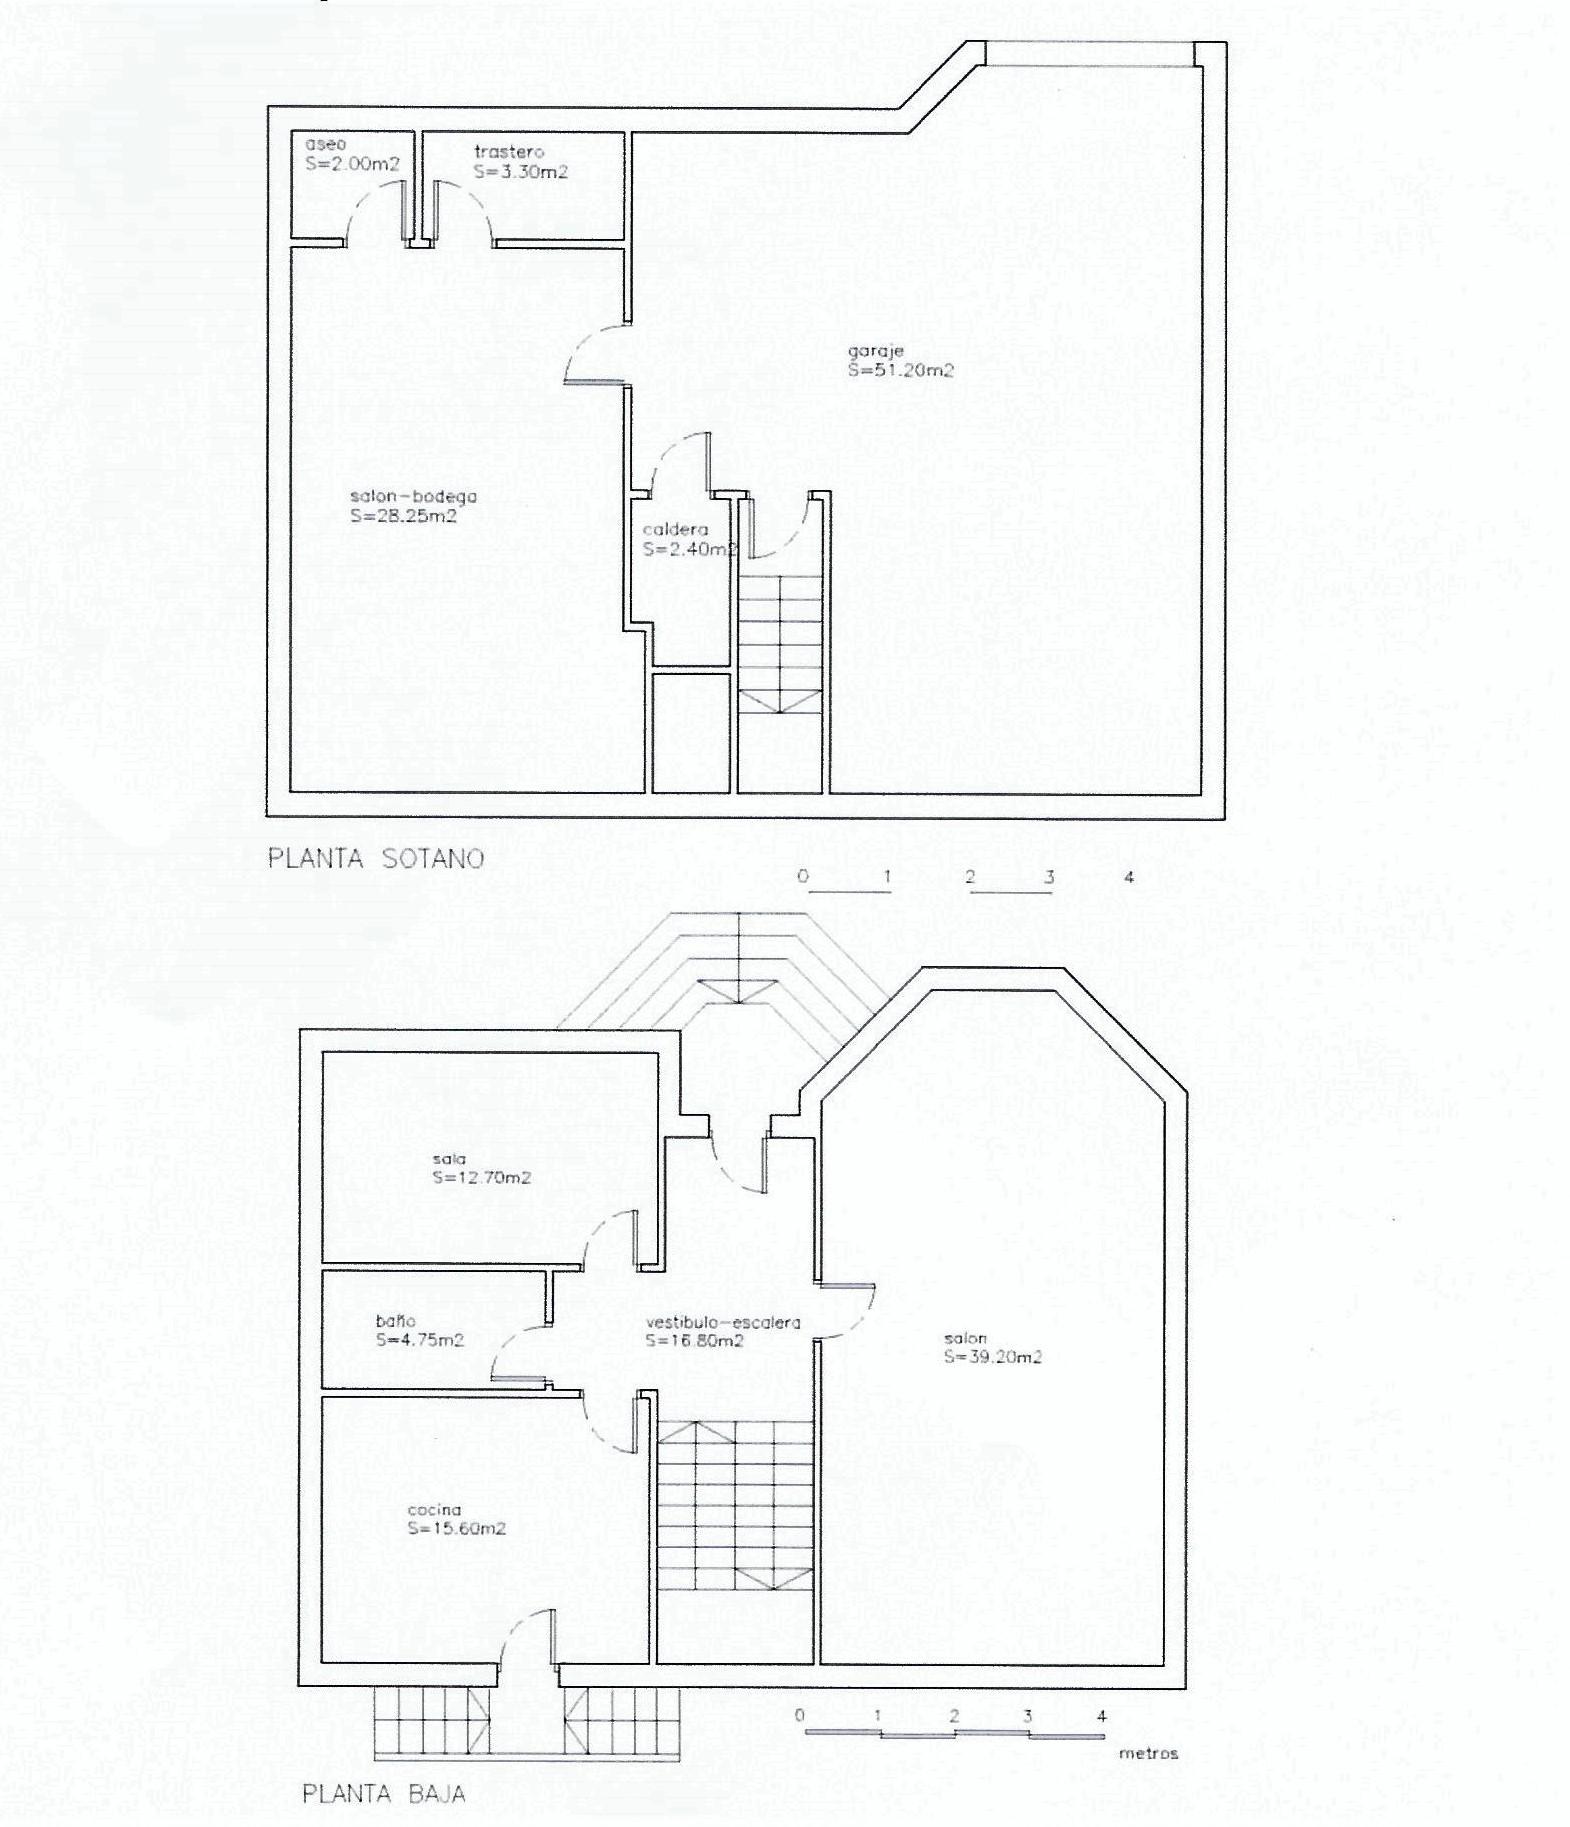 2020-12-11_191045.jpg